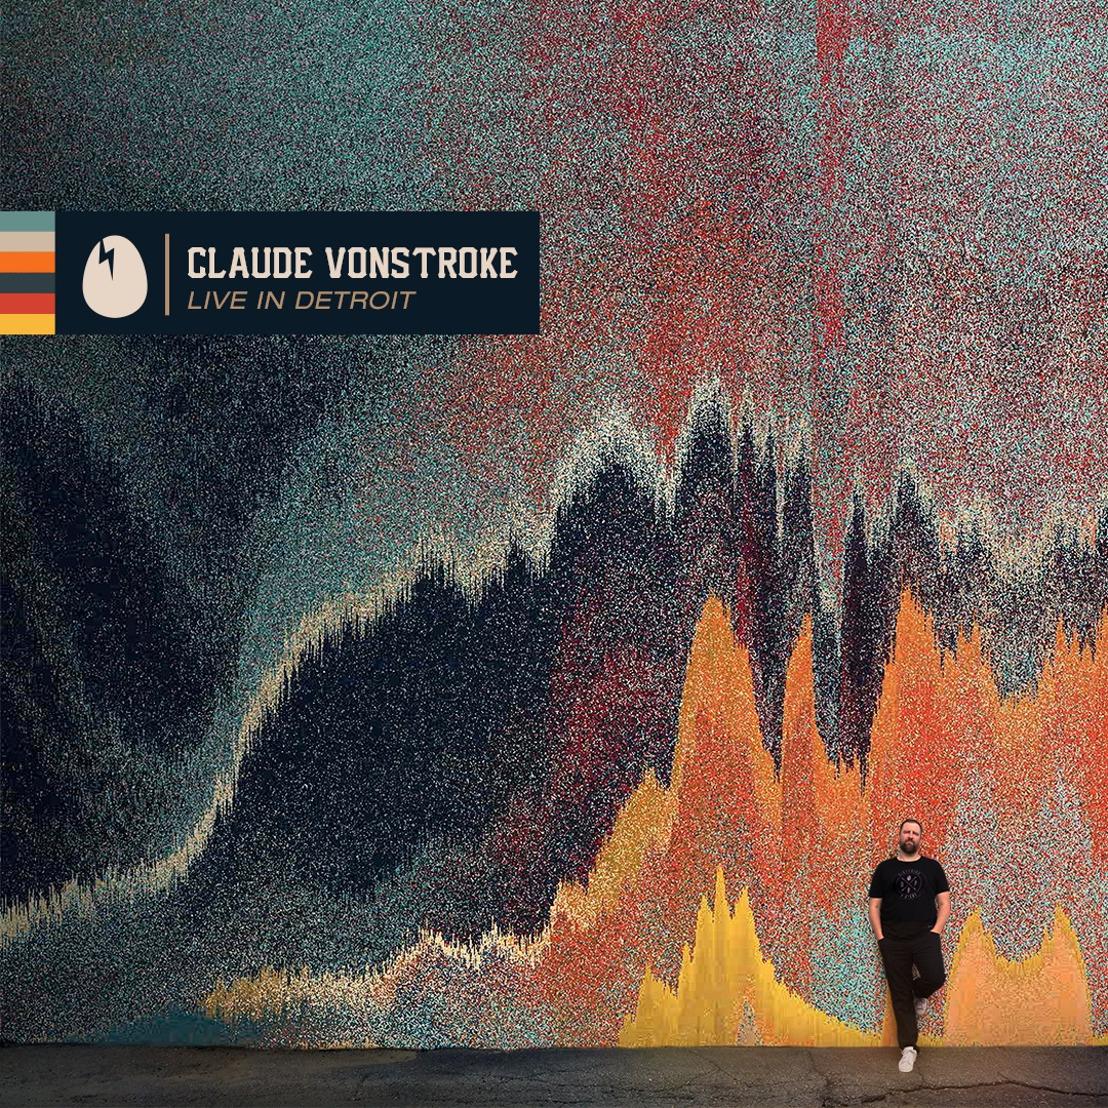 Claude VonStroke To Release 'Claude VonStroke: Live in Detroit' Album June 22